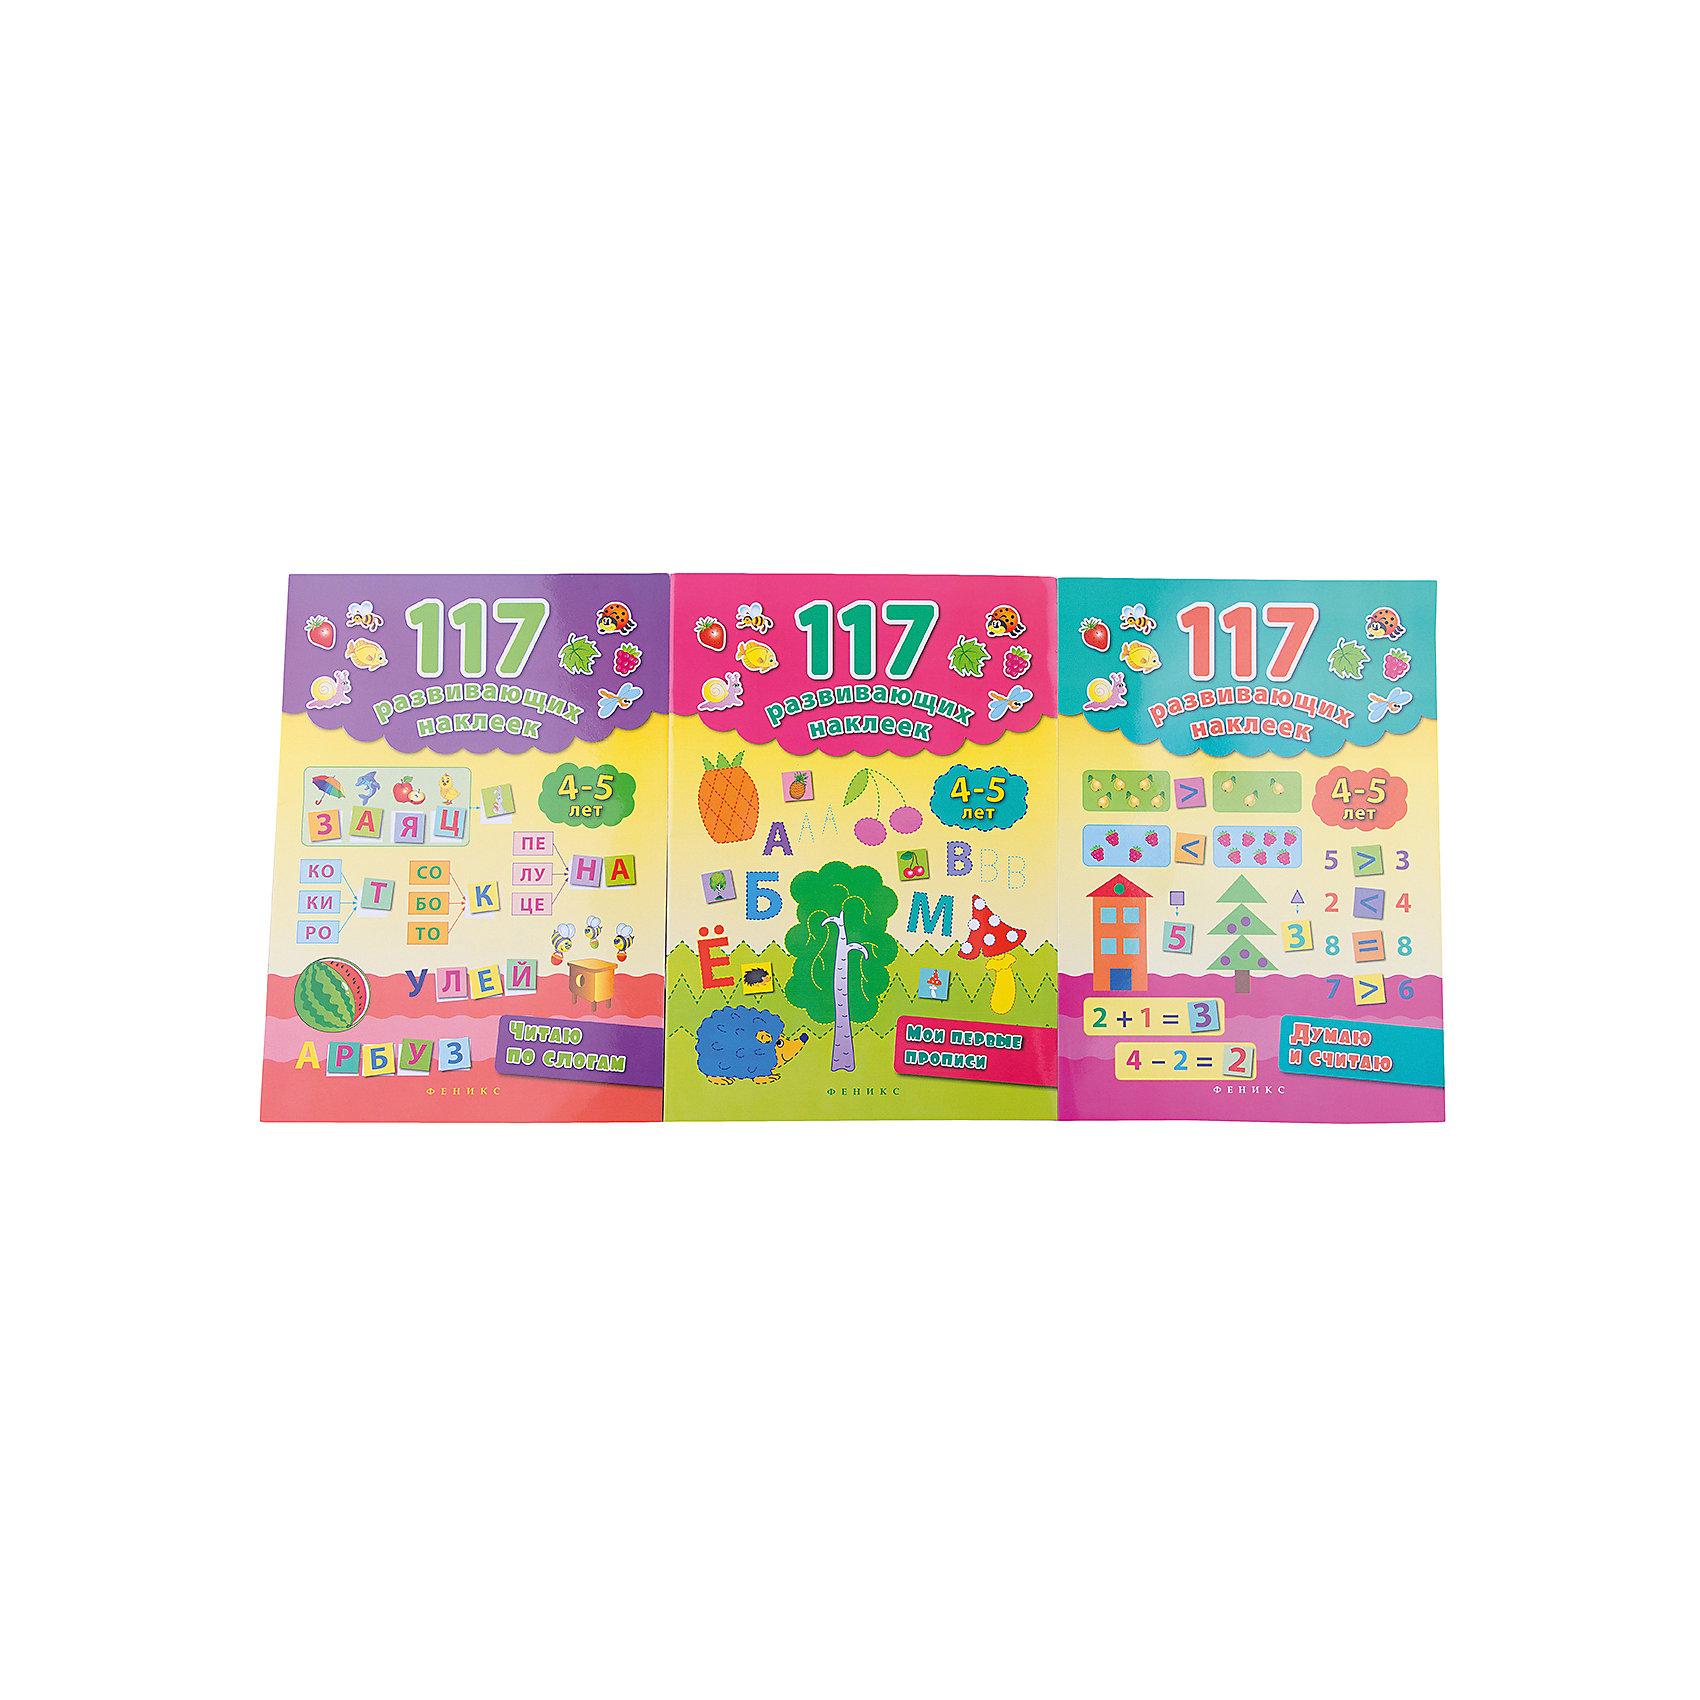 Комплект развивающих наклеекФеникс<br>Данная книга поможет вашему ребенку вспомнить числа от 1 до 10 и основные геометрические фигуры, научиться измерять длину предметов с помощью линейки, сравнивать предметы и числа, решать простые примеры и задачи,научиться писать печатные буквы русского алфавита, рисовать различные типы линий, формы и орнаменты, штриховать изображения и рисовать предметы по пунктиру и клеточкам, повторит буквы русского алфавита, потренируется составлять слова из слогов, а предложения — из слов с помощью рисунков и наклеек и, конечно, читать по слогам слова и предложения.<br>Книга содержит простые и интересные задания для развития воображения, логики, мышления и мелкой моторики кисти. Ответ на каждое задание дети смогут найти среди 117 наклеек, содержащихся в каждой книге.<br>Издание предназначено для совместной работы детей в возрасте от четырех лет с родителями.<br><br>Ширина мм: 281<br>Глубина мм: 199<br>Высота мм: 60<br>Вес г: 765<br>Возраст от месяцев: 48<br>Возраст до месяцев: 60<br>Пол: Унисекс<br>Возраст: Детский<br>SKU: 6873650